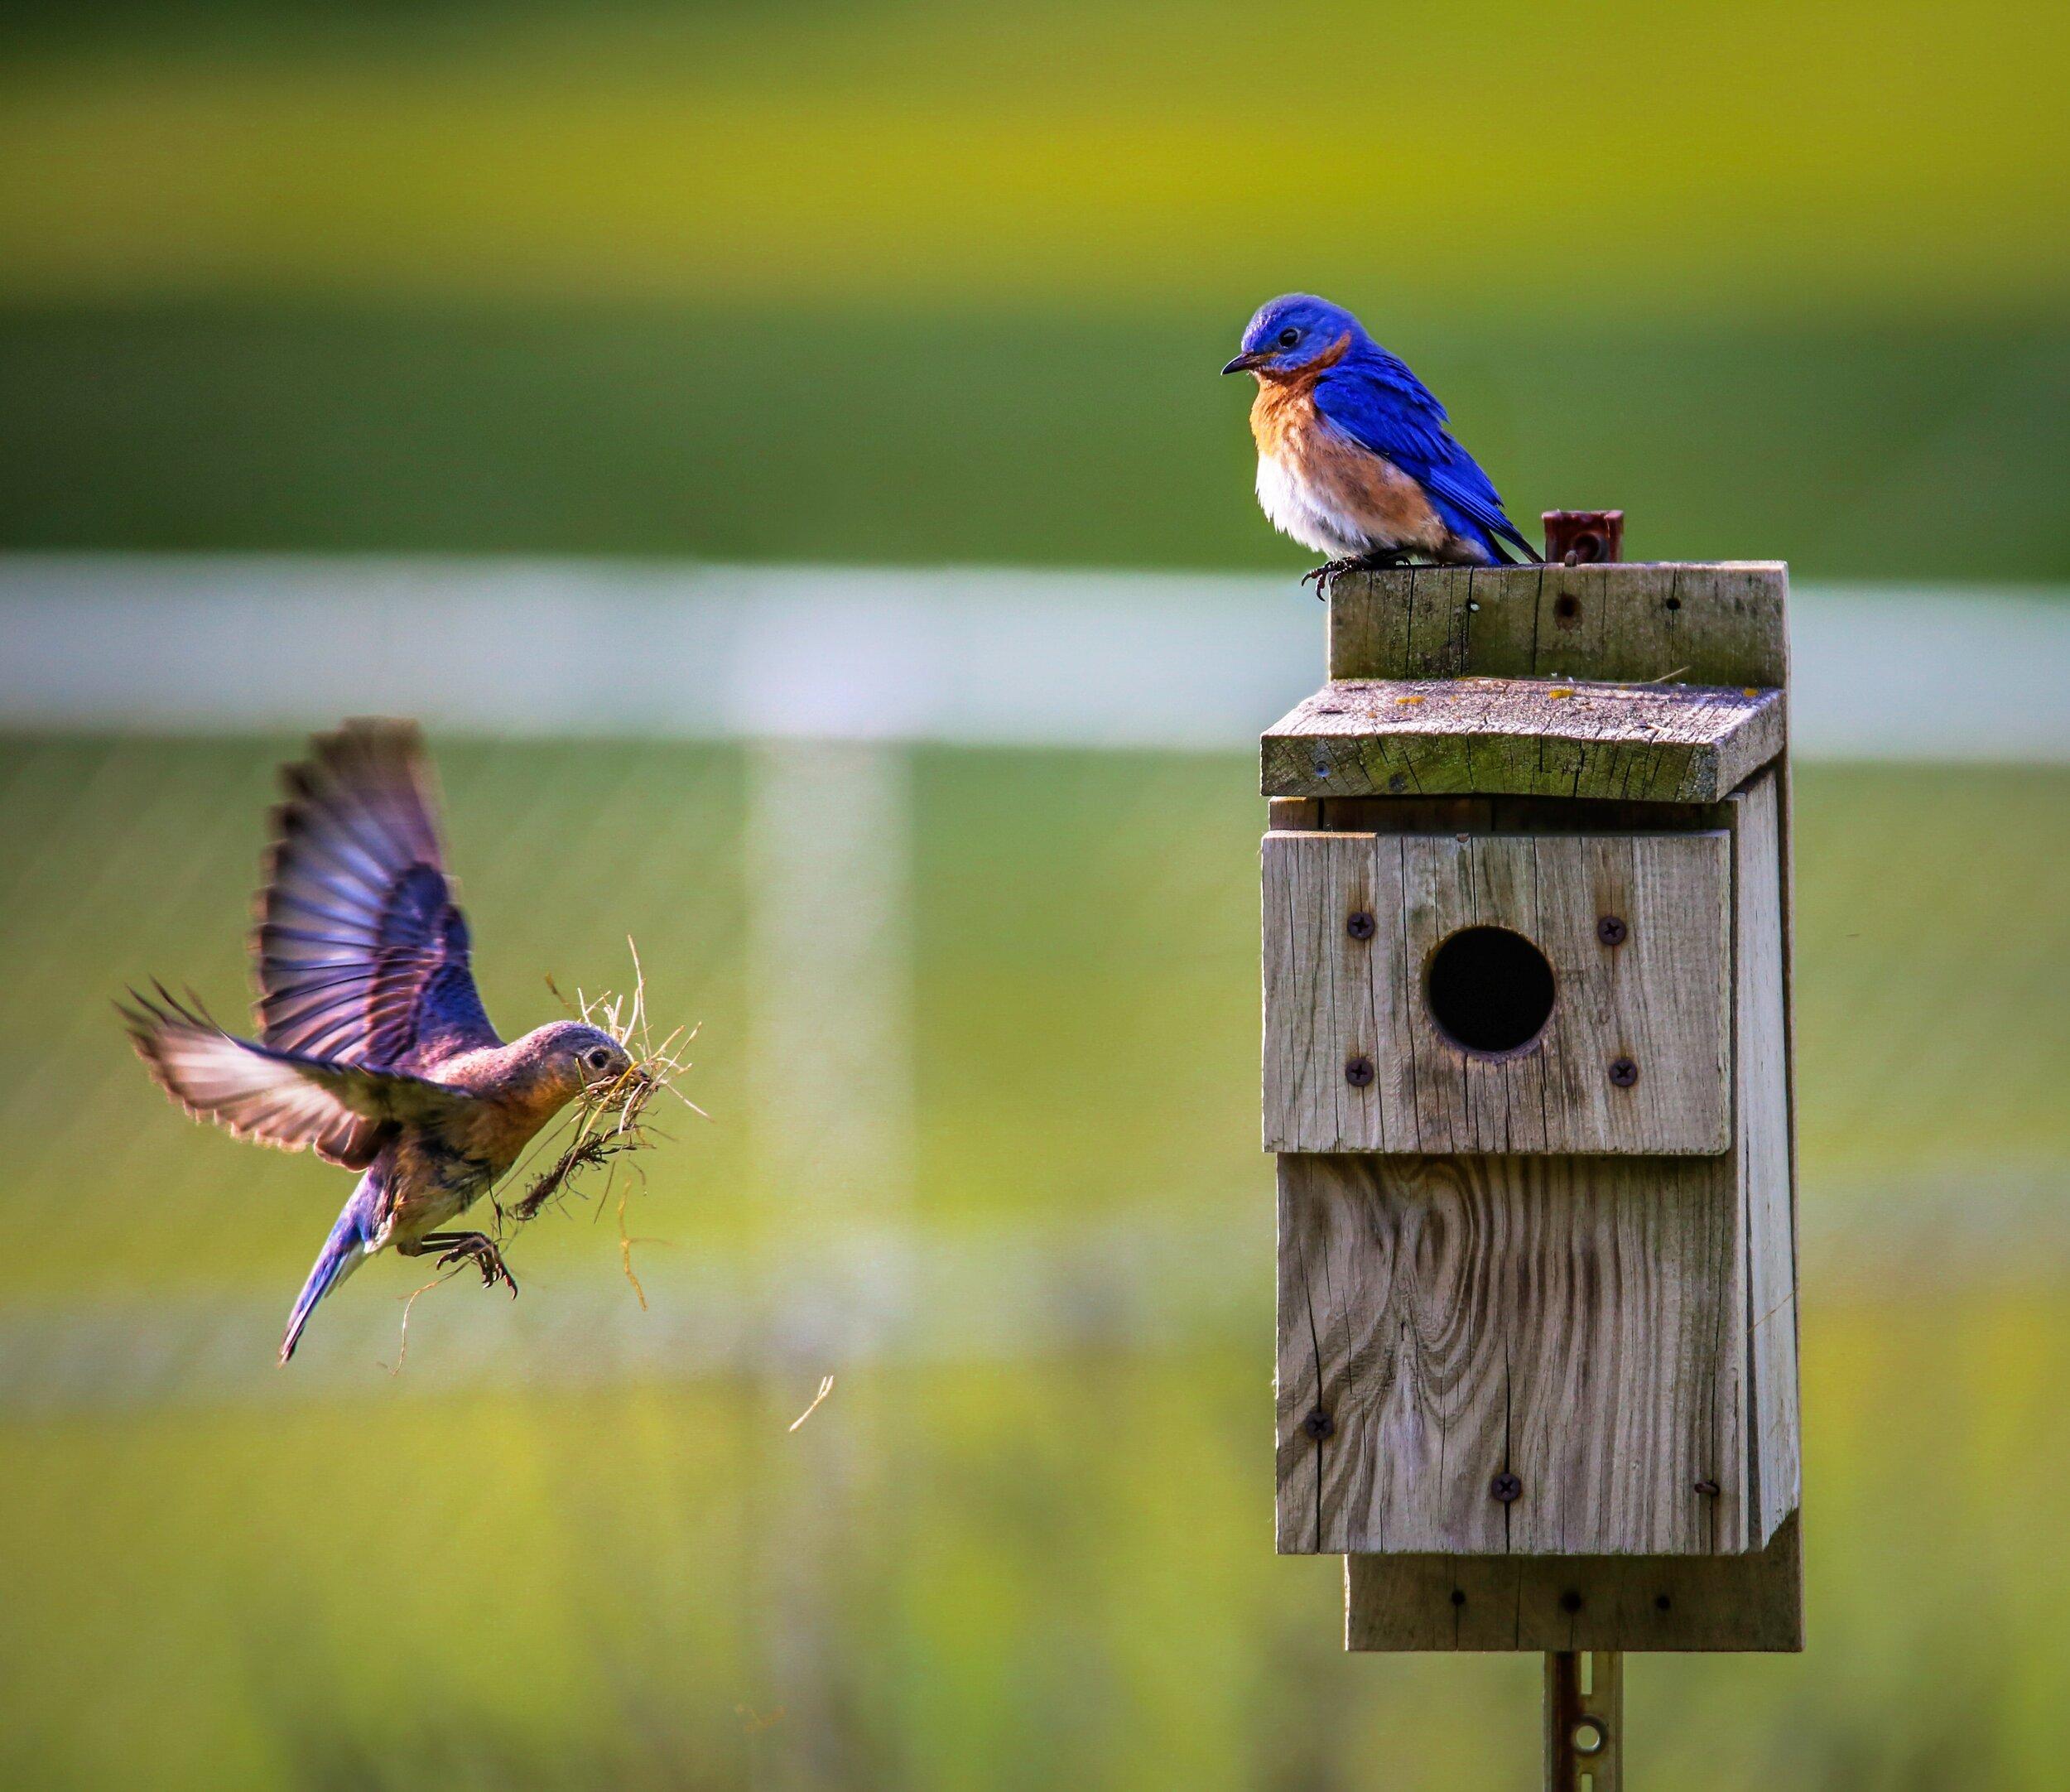 animals-birdhouse-blurred-background-1156507.jpg